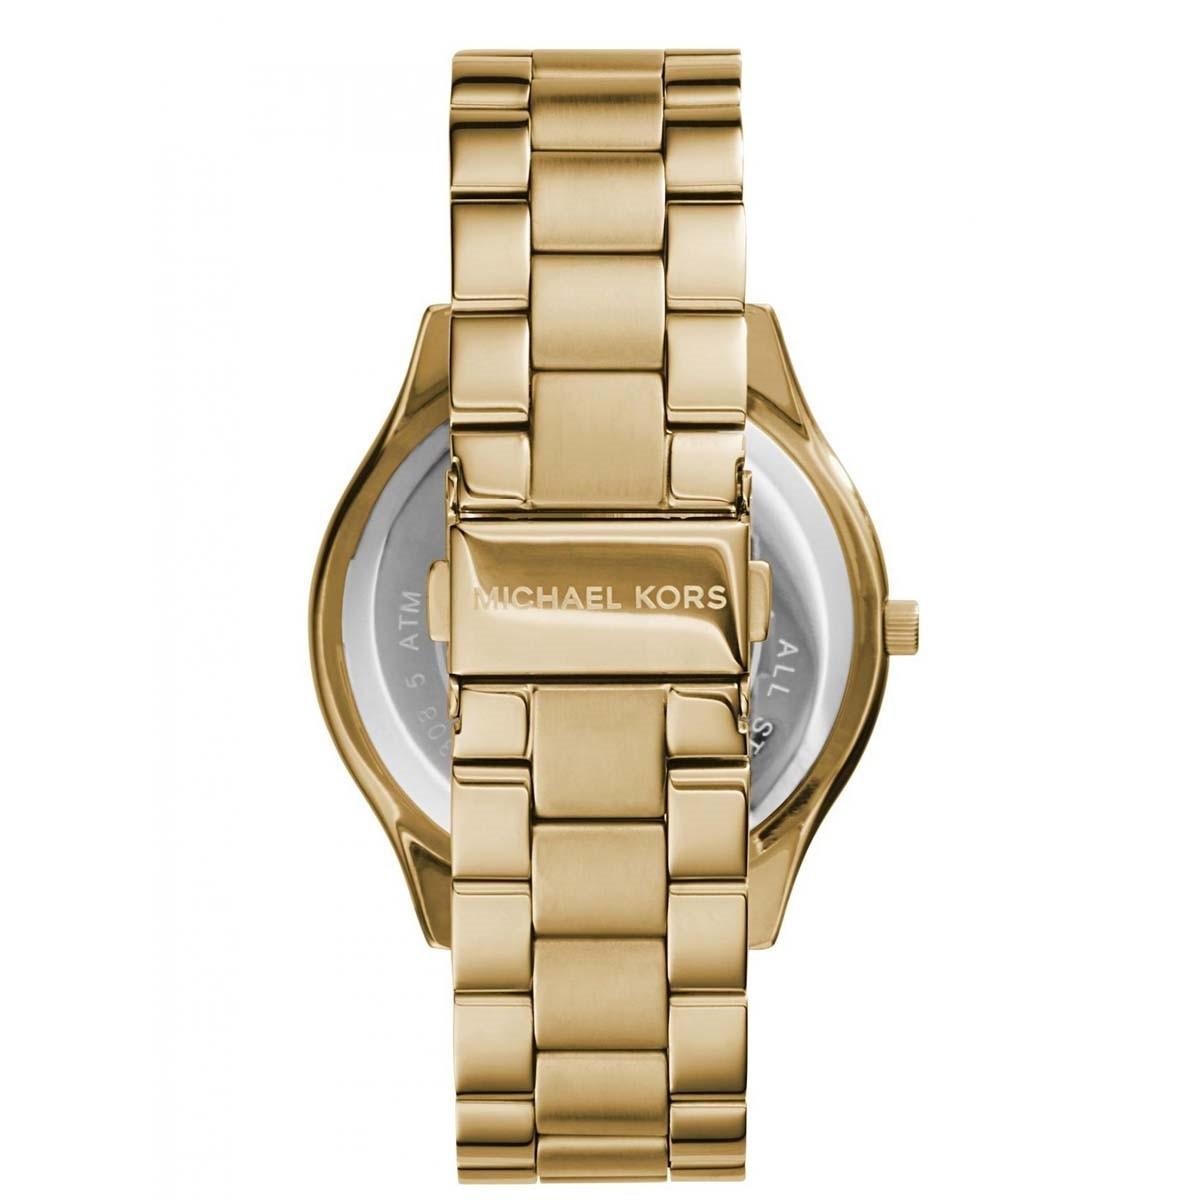 Relógio Michael Kors Runway Analógico Feminino MK3179/Z